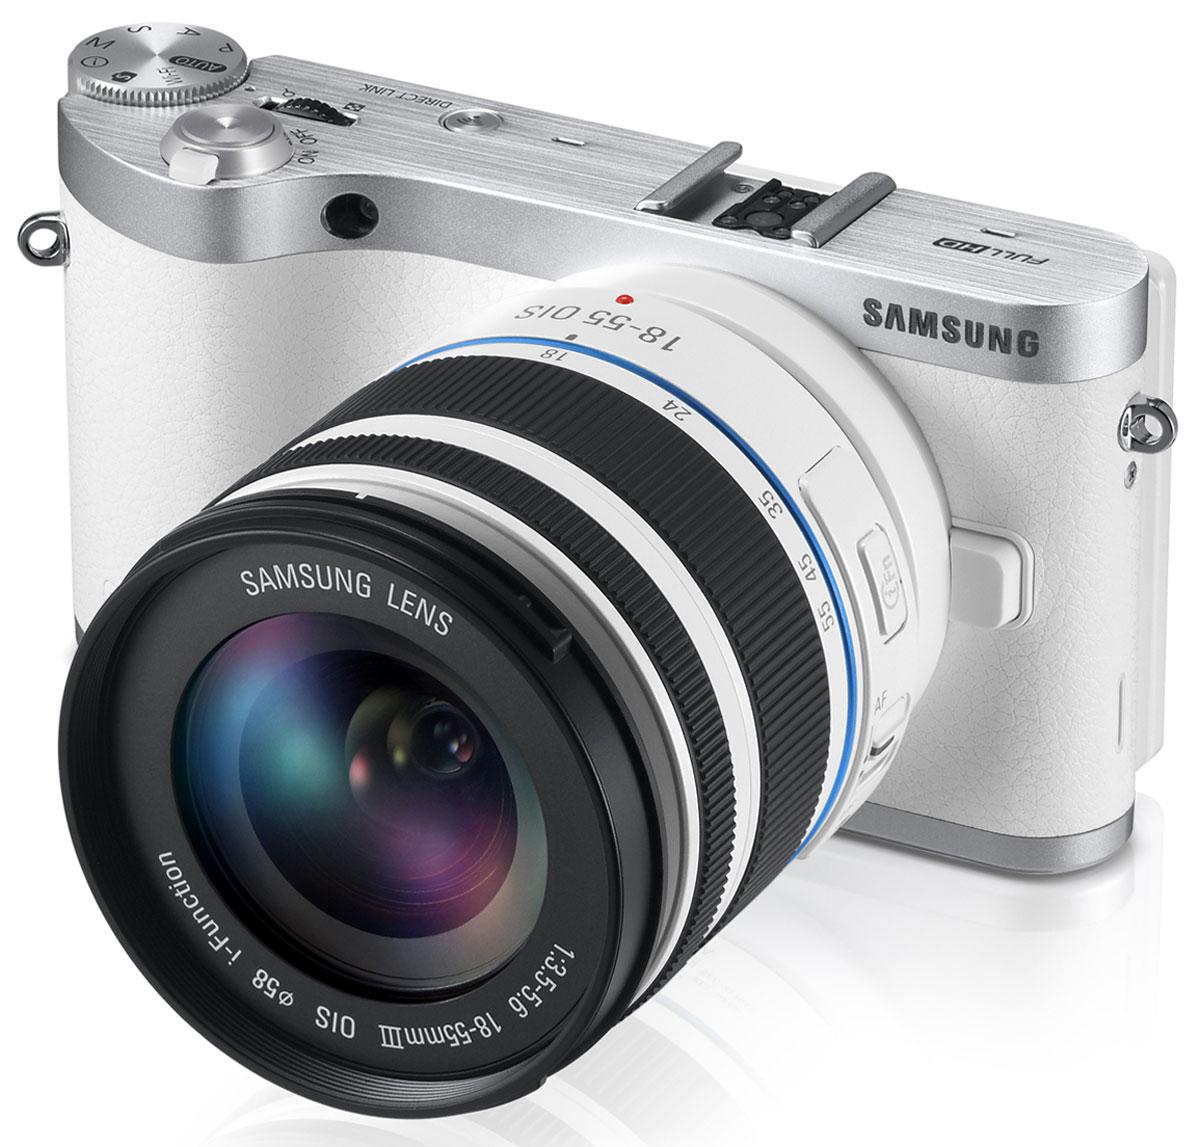 Samsung NX300 Kit 18-55, WhiteEV-NX300ZBSQURUSMART-камера Samsung NX300 со сверхчувствительным 20,3 Mпикс APS-C CMOS сенсором и гибридной системой автофокусировки стирает грань между профессионалом и фотолюбителем-энтузиастом. Благодаря ультракороткой выдержке (1/6000 секунды), Вы остановите любое быстротекущее действие и никогда больше не упустите интересный динамичный сюжет Улучшенный 20,3 Mпикс APS-C CMOS сенсор: Созданный для фотолюбителей 20,3-мегапиксельный APS-C CMOS сенсор оснащен фазовой системой автофокусировки. Этот сенсор обеспечивает получение высококачественного изображения, отличается естественной цветопередачей и высочайшим разрешением в своем классе. Сенсор размером 23,5 x 15,7 мм отличается высокой светочувствительностью и воспринимает достаточно света, чтобы Вы смогли получить превосходно экспонированные яркие и четкие снимки без следов шумов даже в условиях низкой освещенности. Следящий автофокус: Гибридная система автофокуса использует фазовую и контрастную автофокусировку...